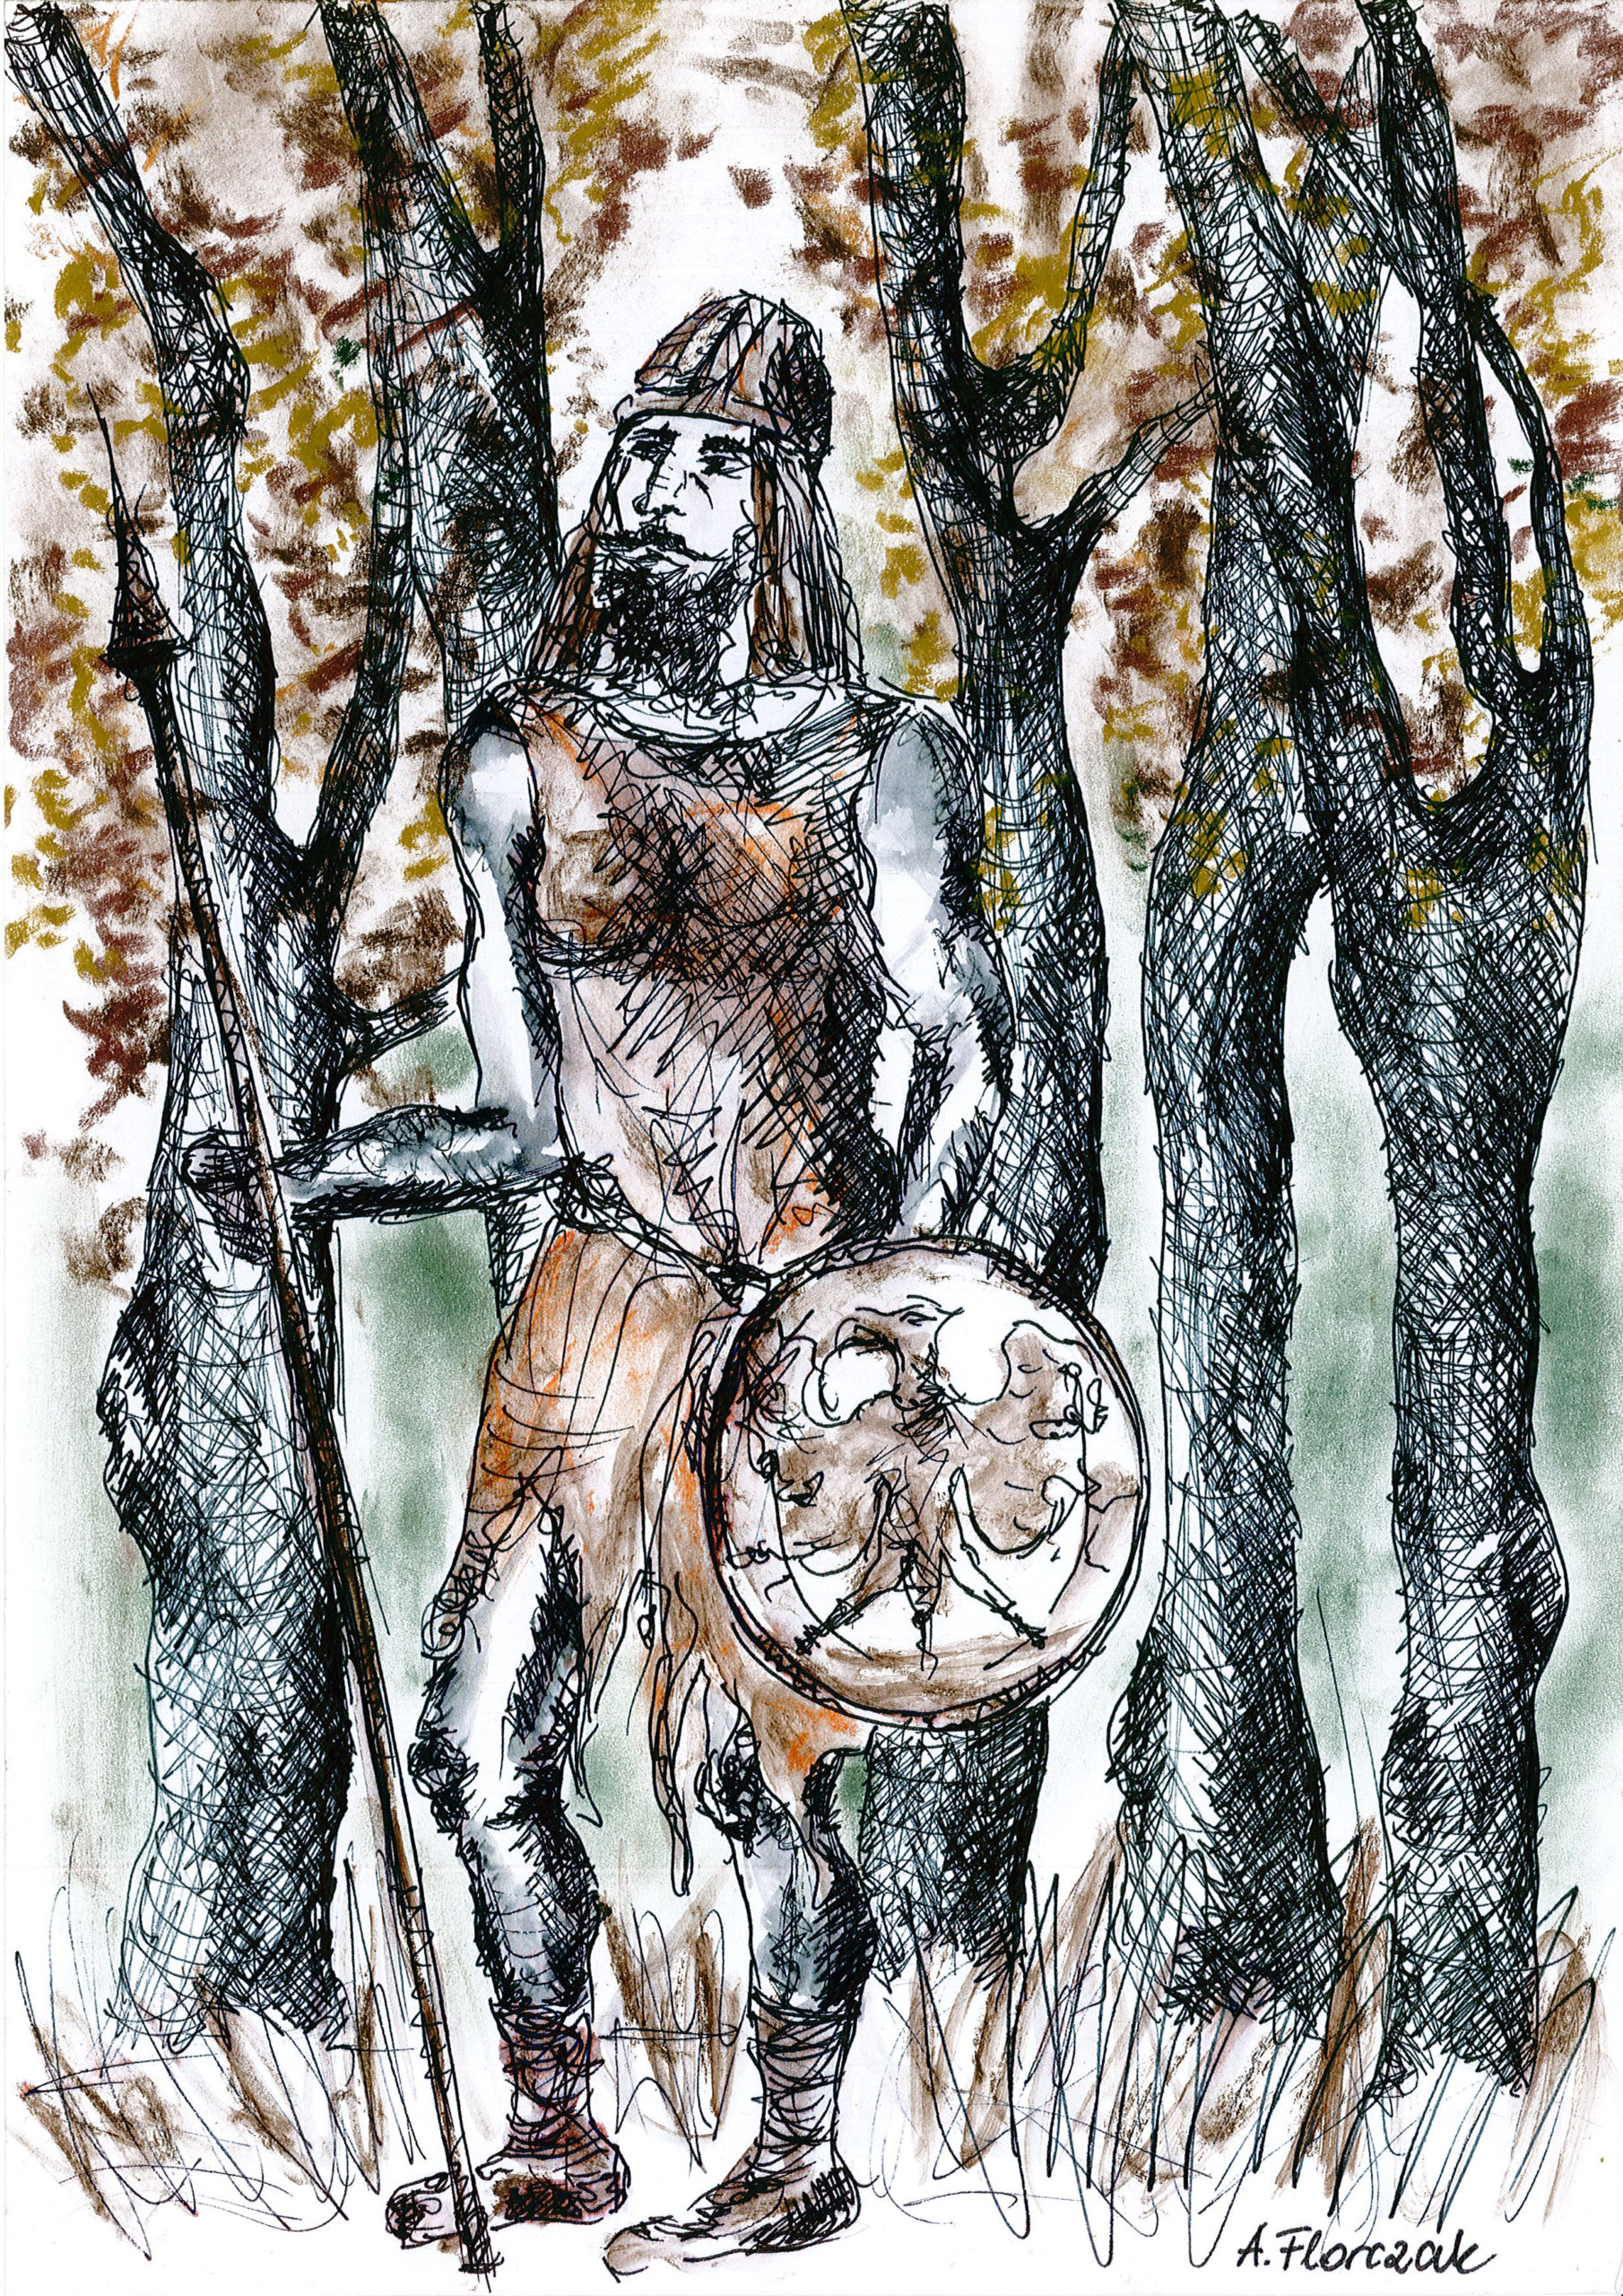 rysuke Choszczna autorstwa A. Florczak